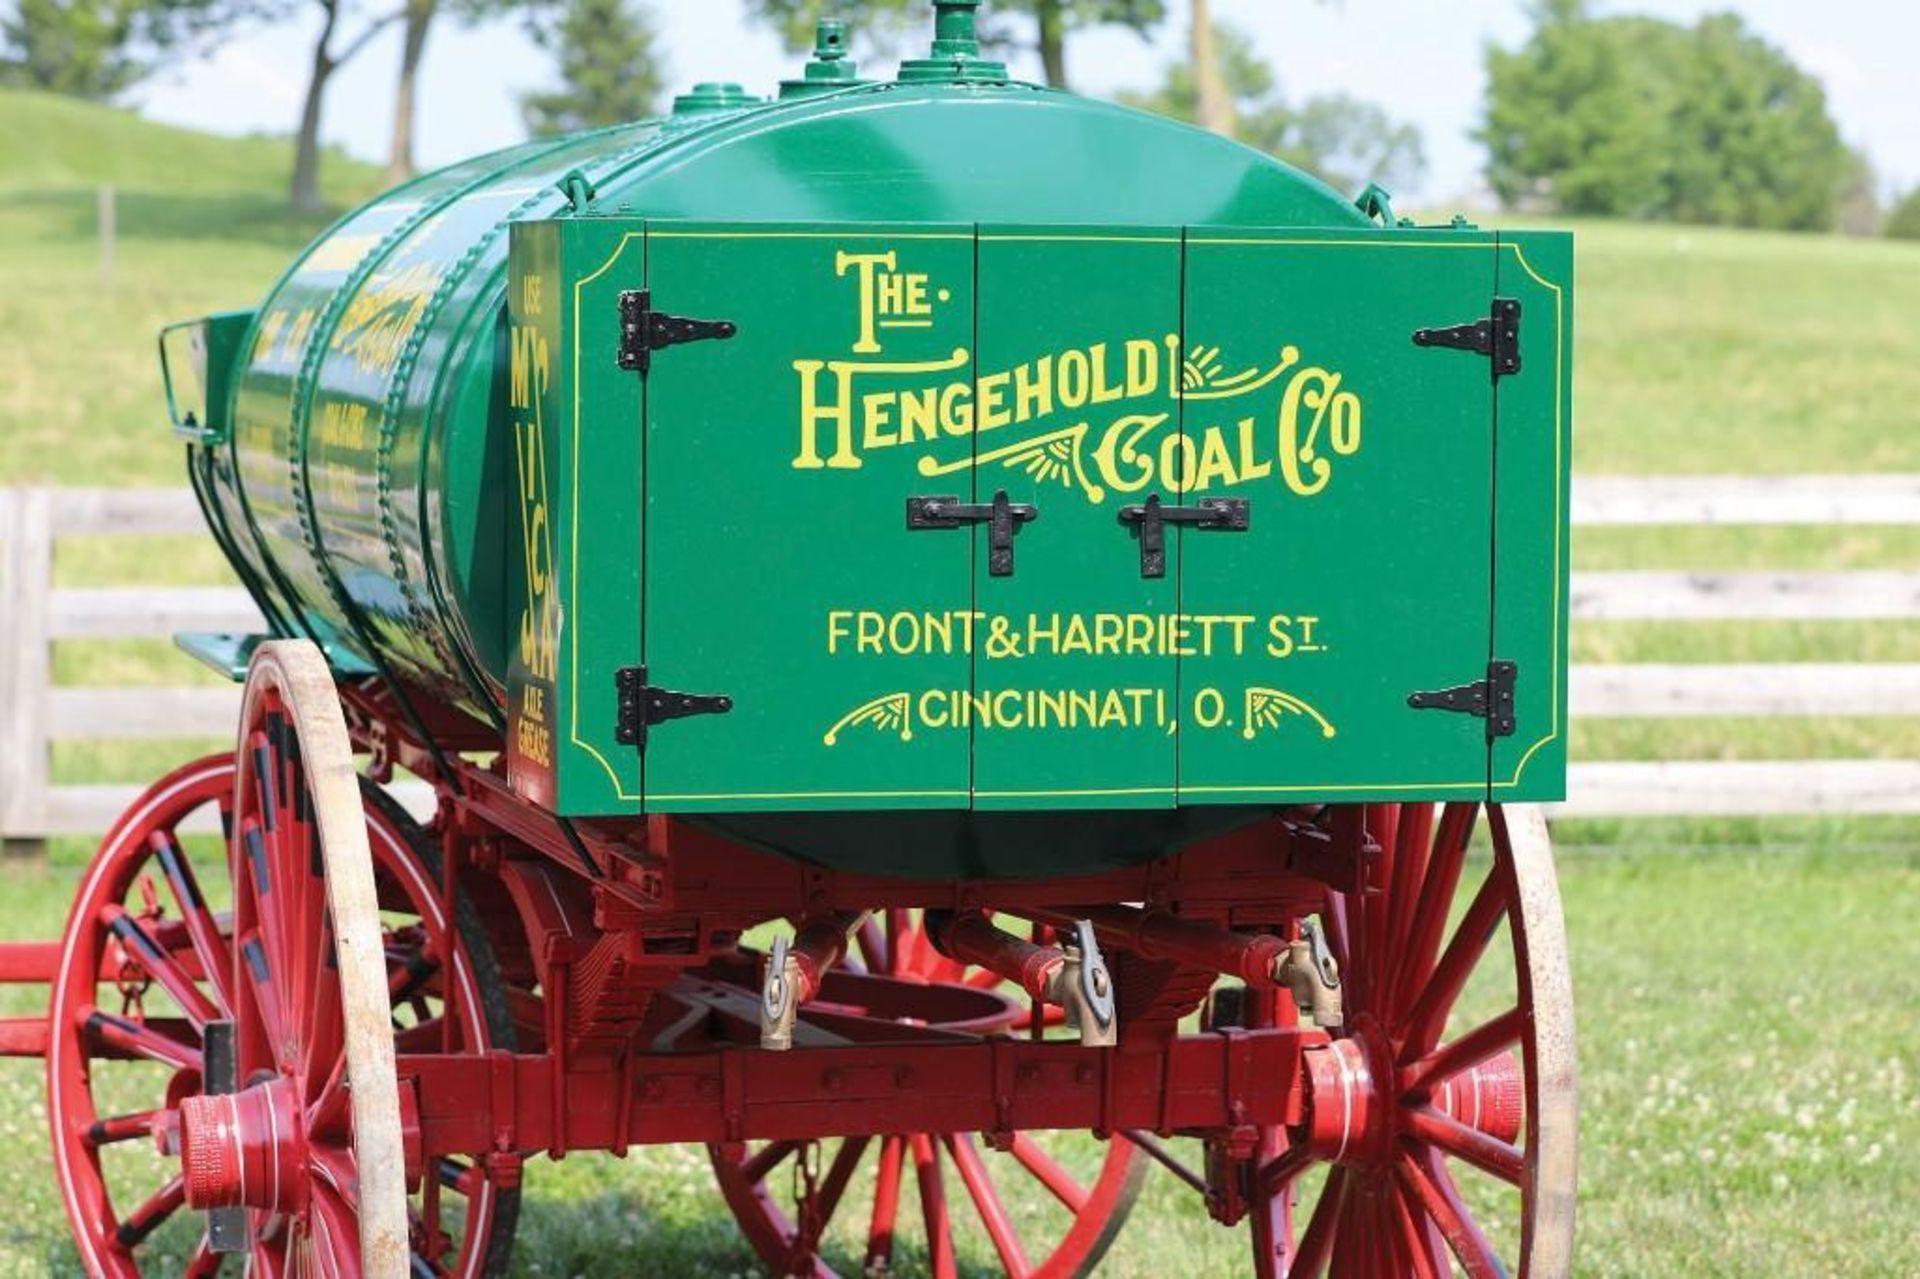 Restored Vintage Standard Oil Fuel Wagon - Image 3 of 3